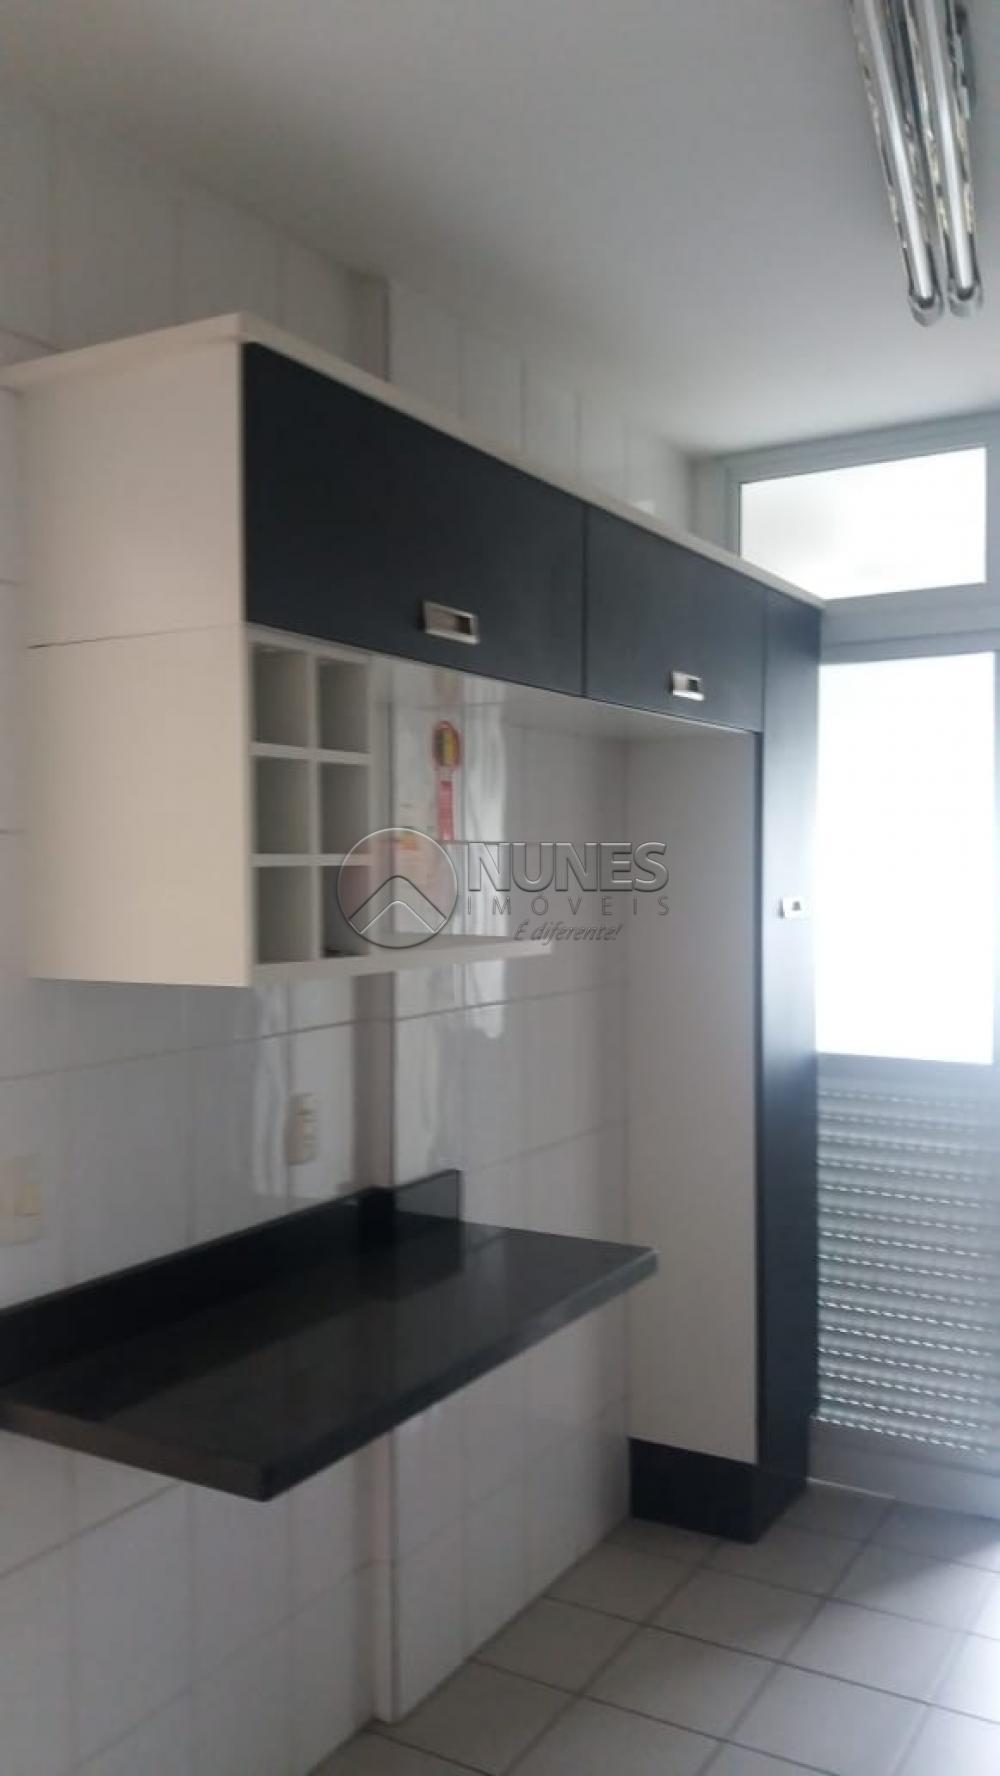 Comprar Apartamento / Padrão em São Paulo apenas R$ 640.000,00 - Foto 8